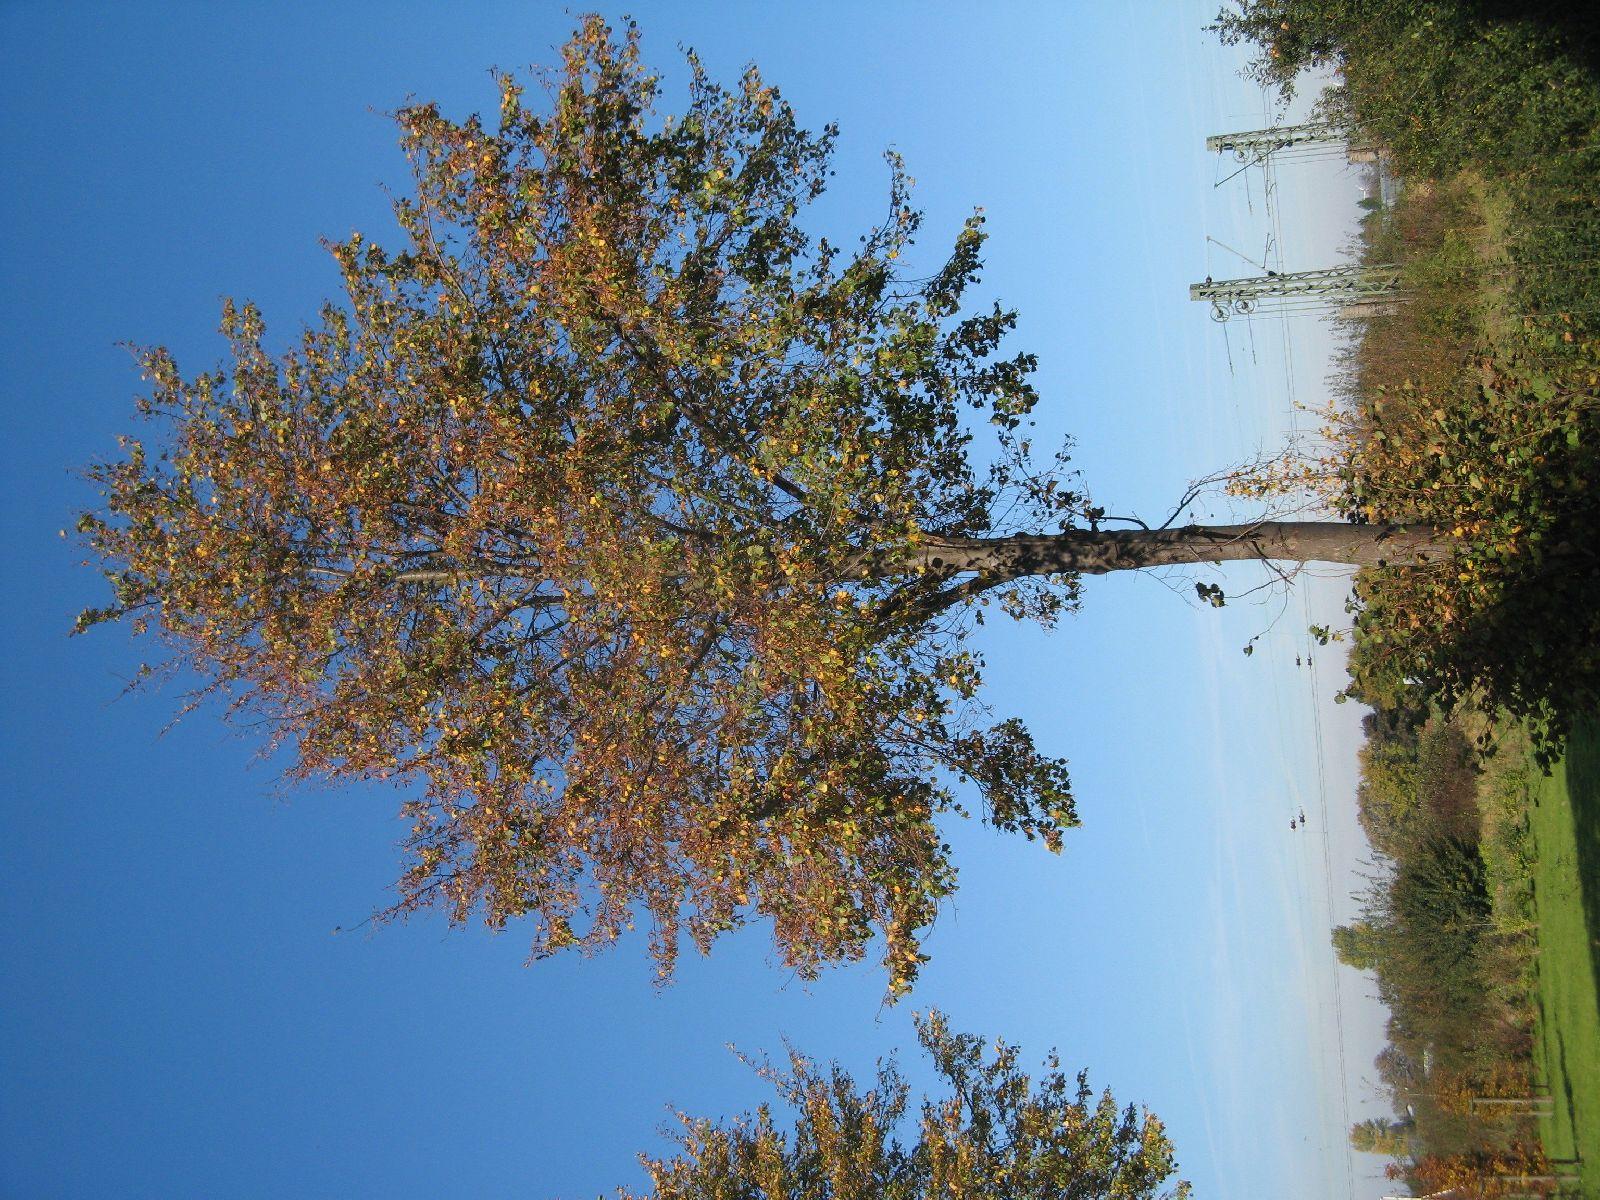 Pflanzen-Baum-Foto_Textur_B_3732